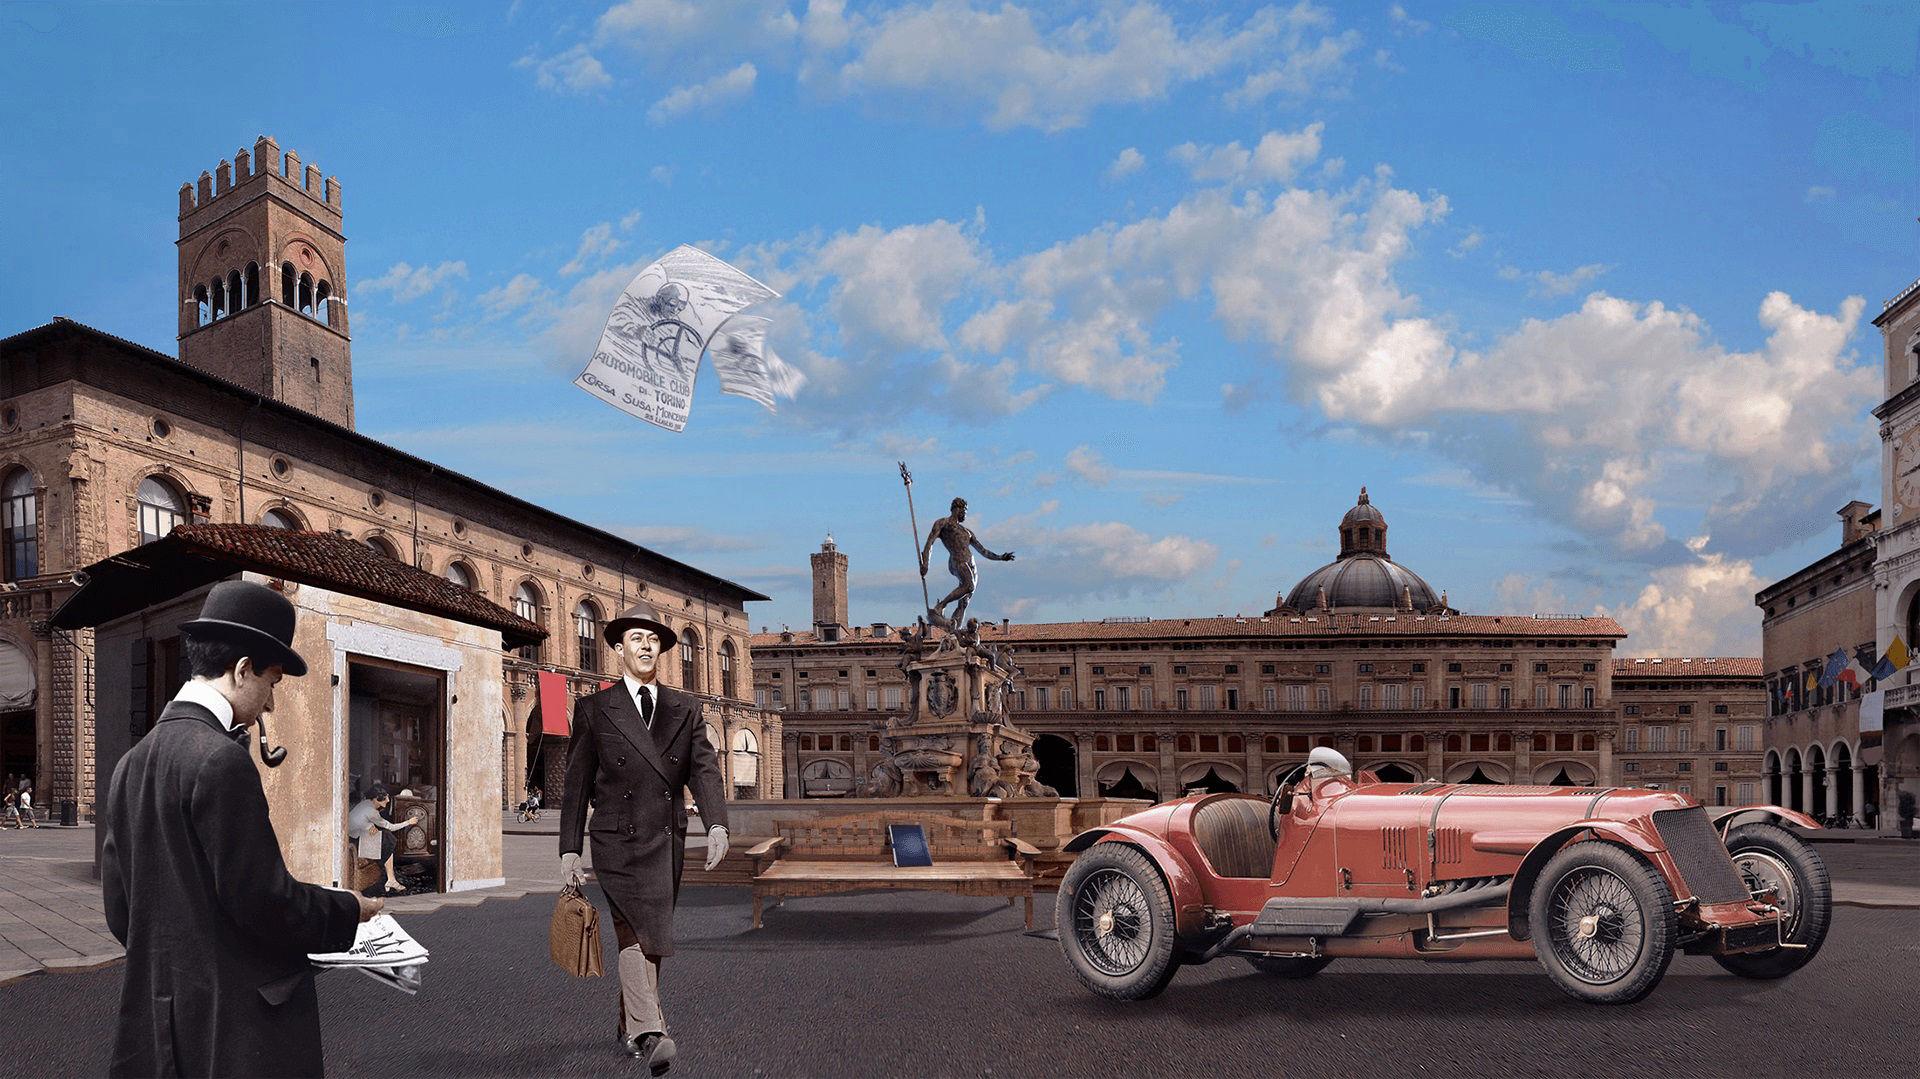 Storia di Maserati - 1920: prima auto Maserati Tipo 26 con logo del Tridente a Bologna